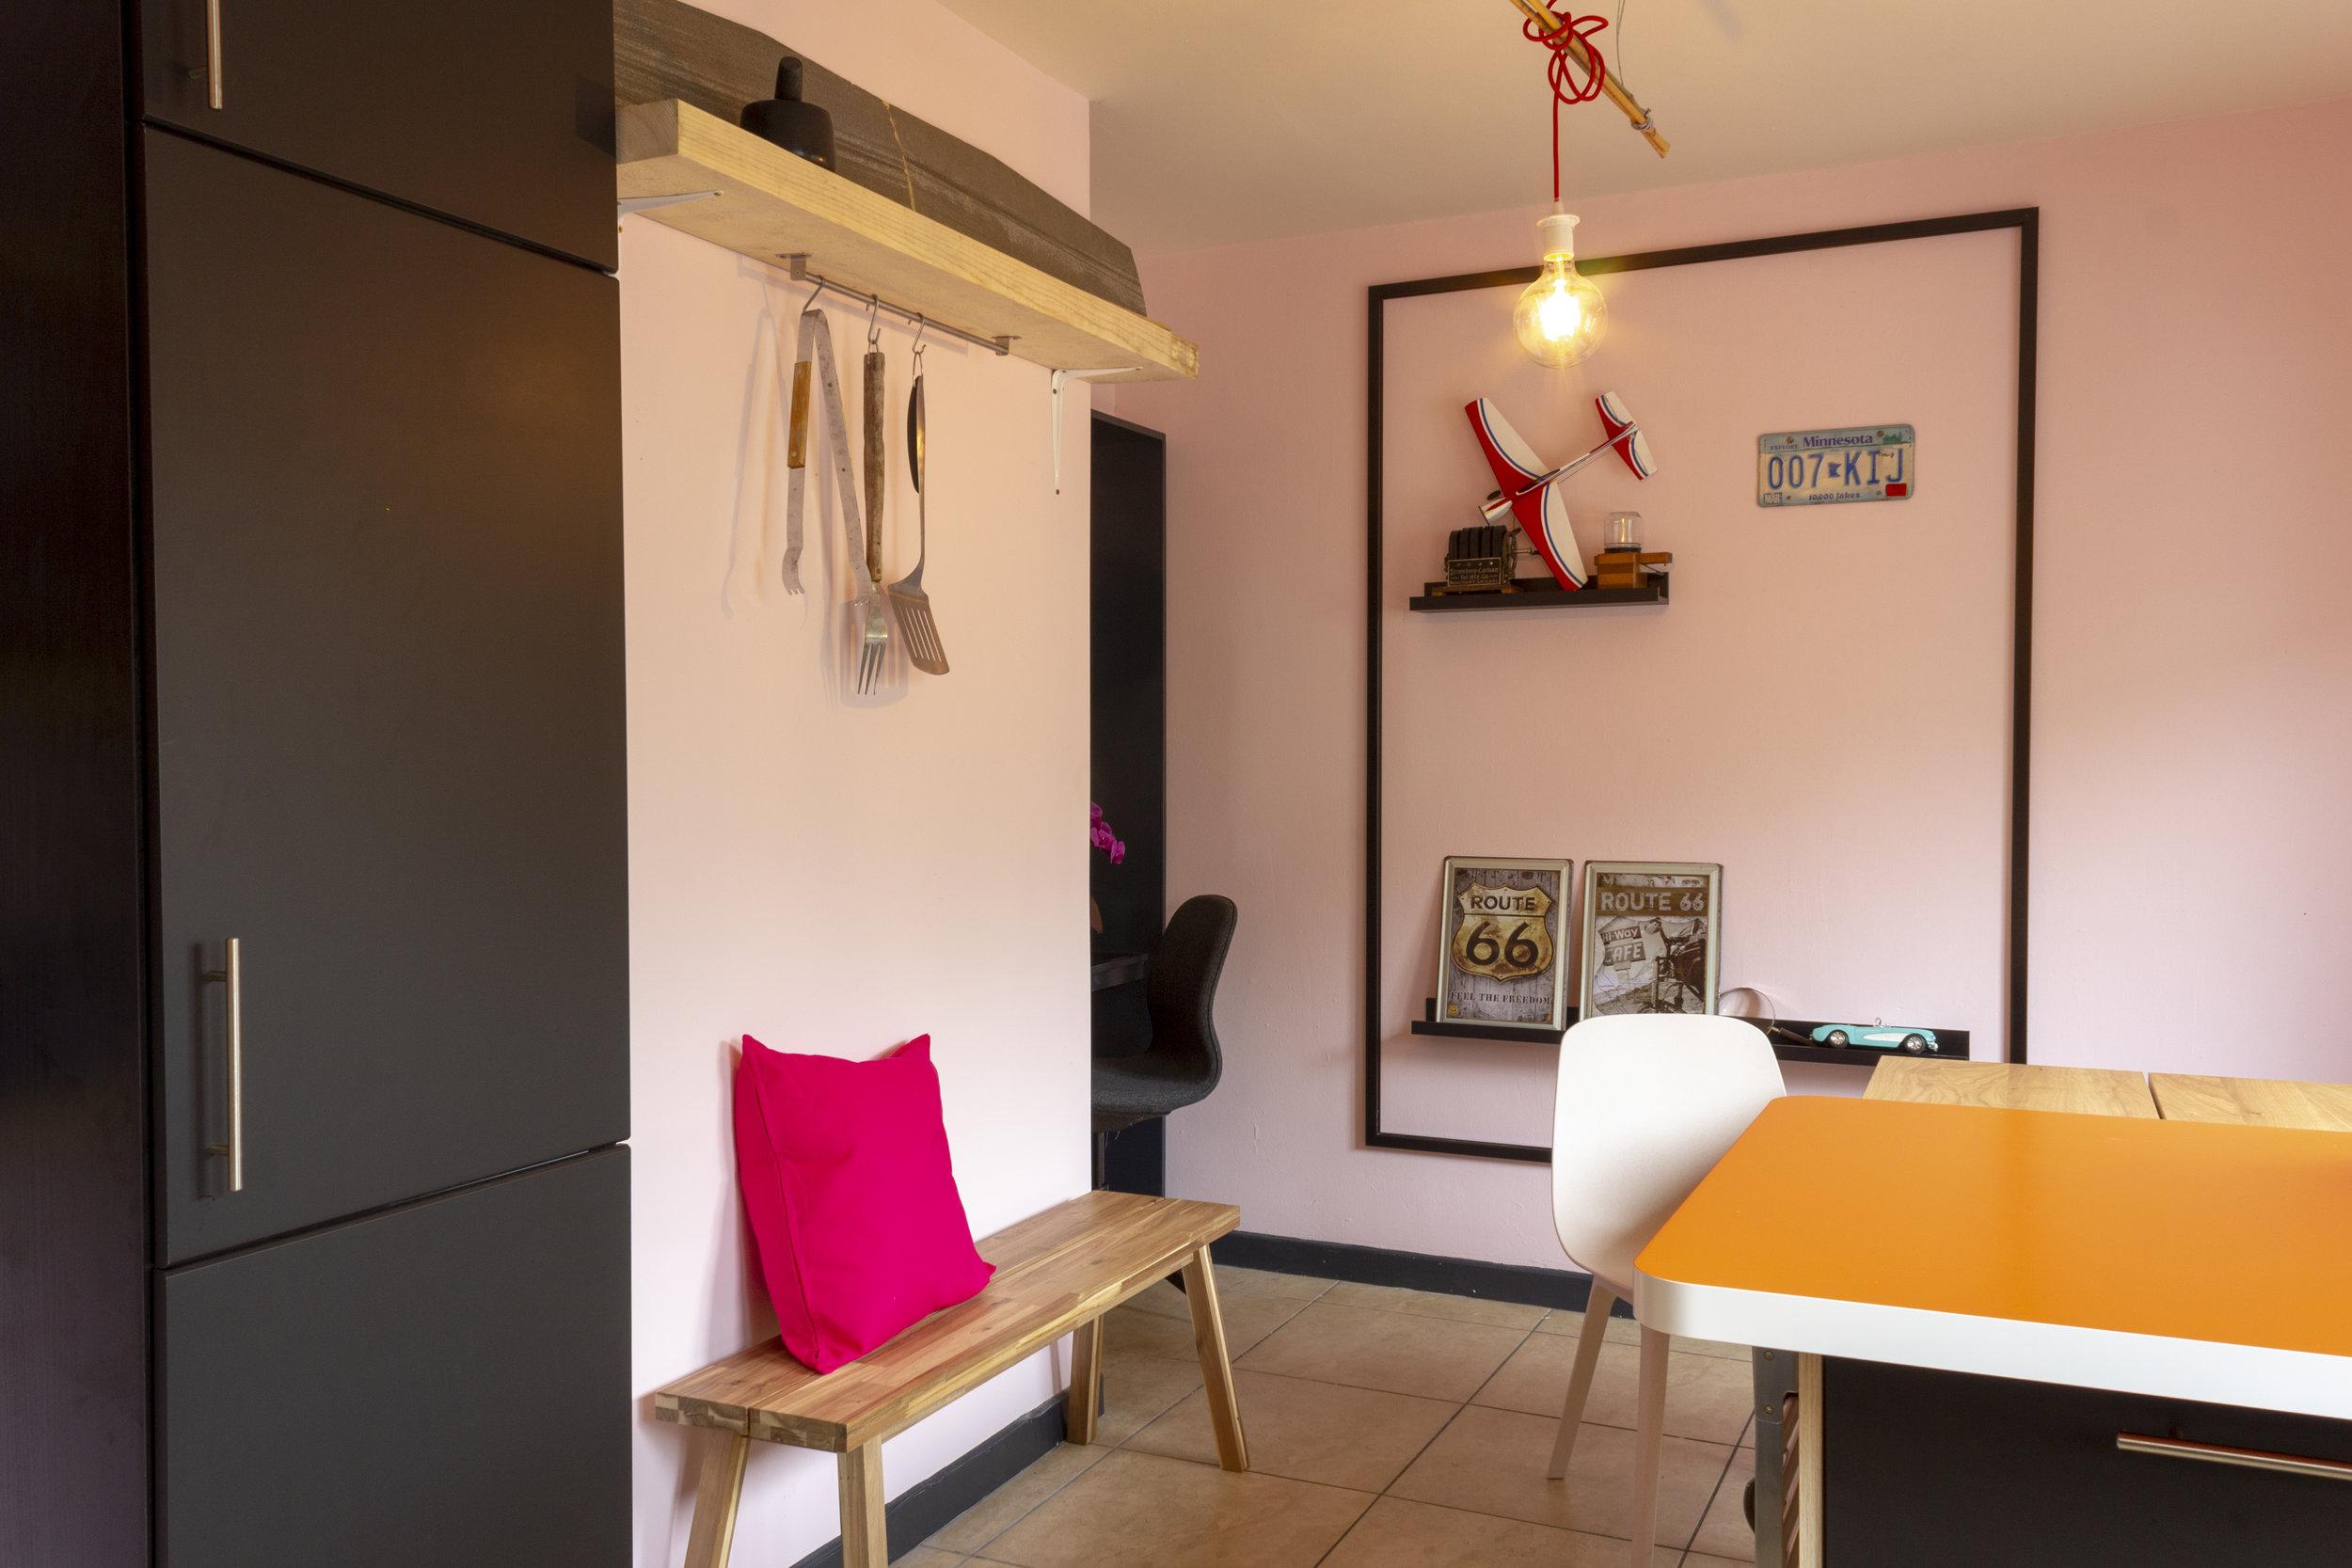 HR - Laytown - After - Kitchen 1.jpg